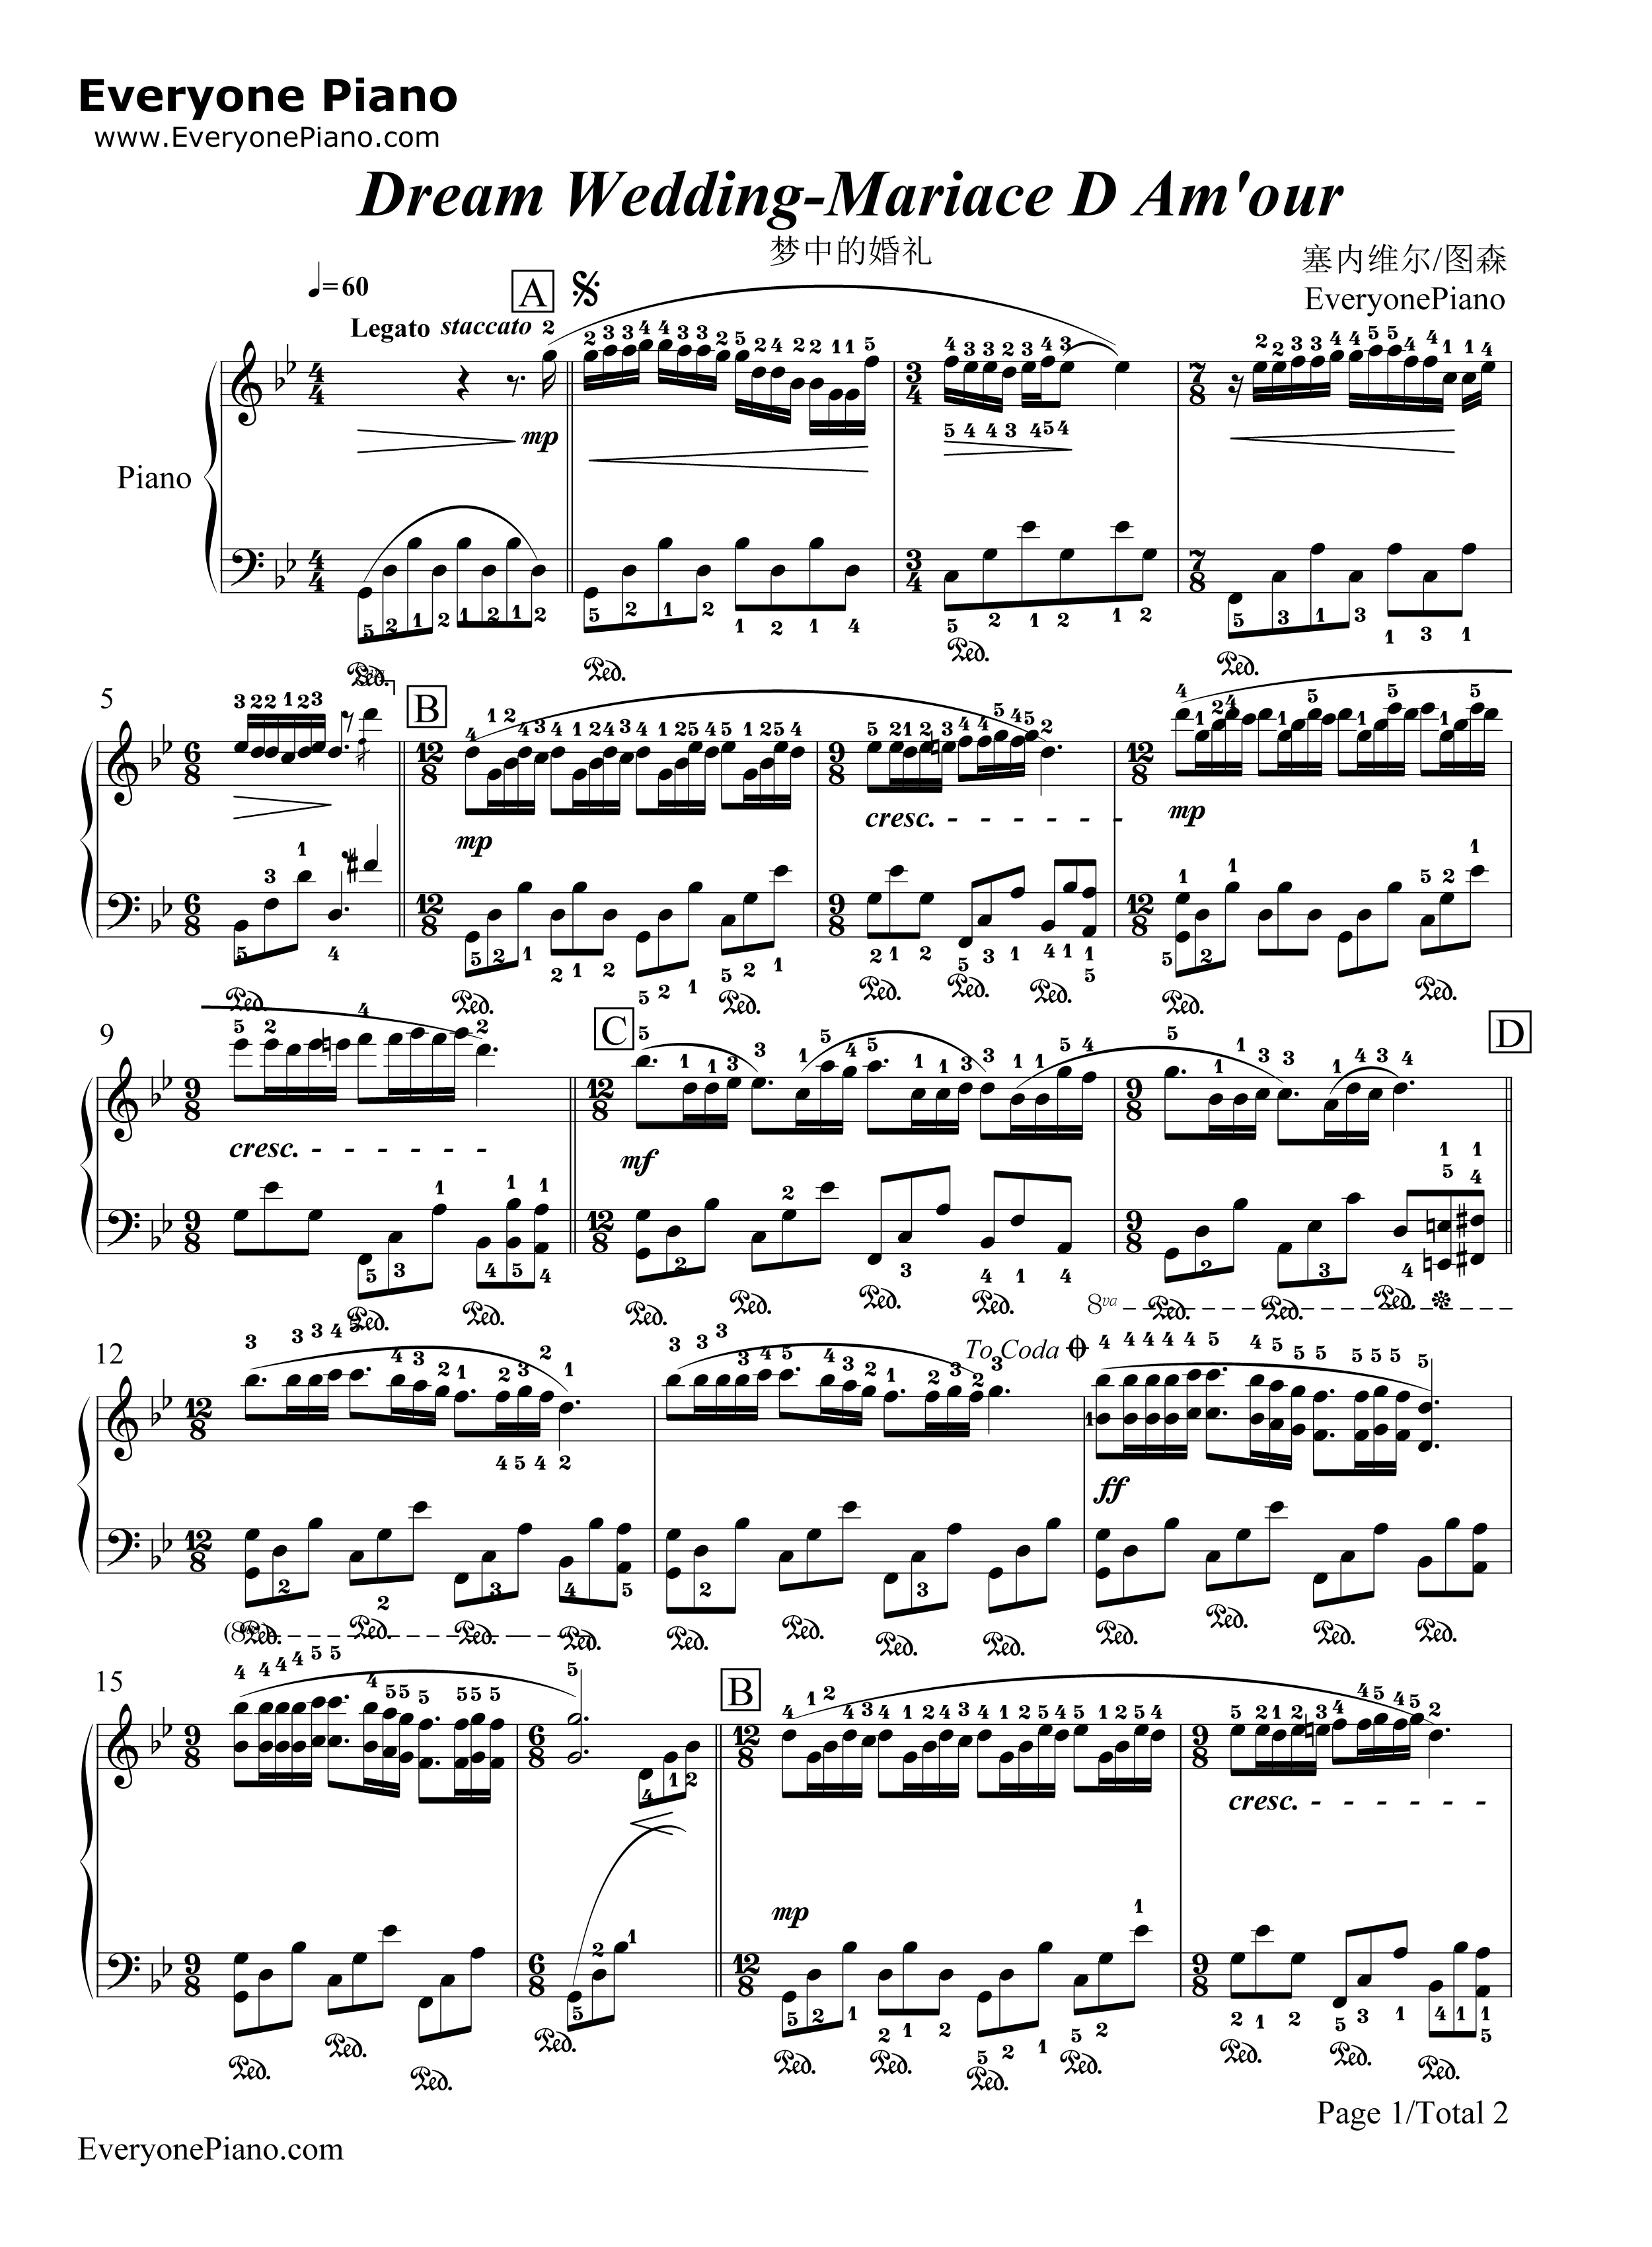 钢琴曲谱 经典 梦中的婚礼-带指法版-理查德克莱德曼 梦中的婚礼-带